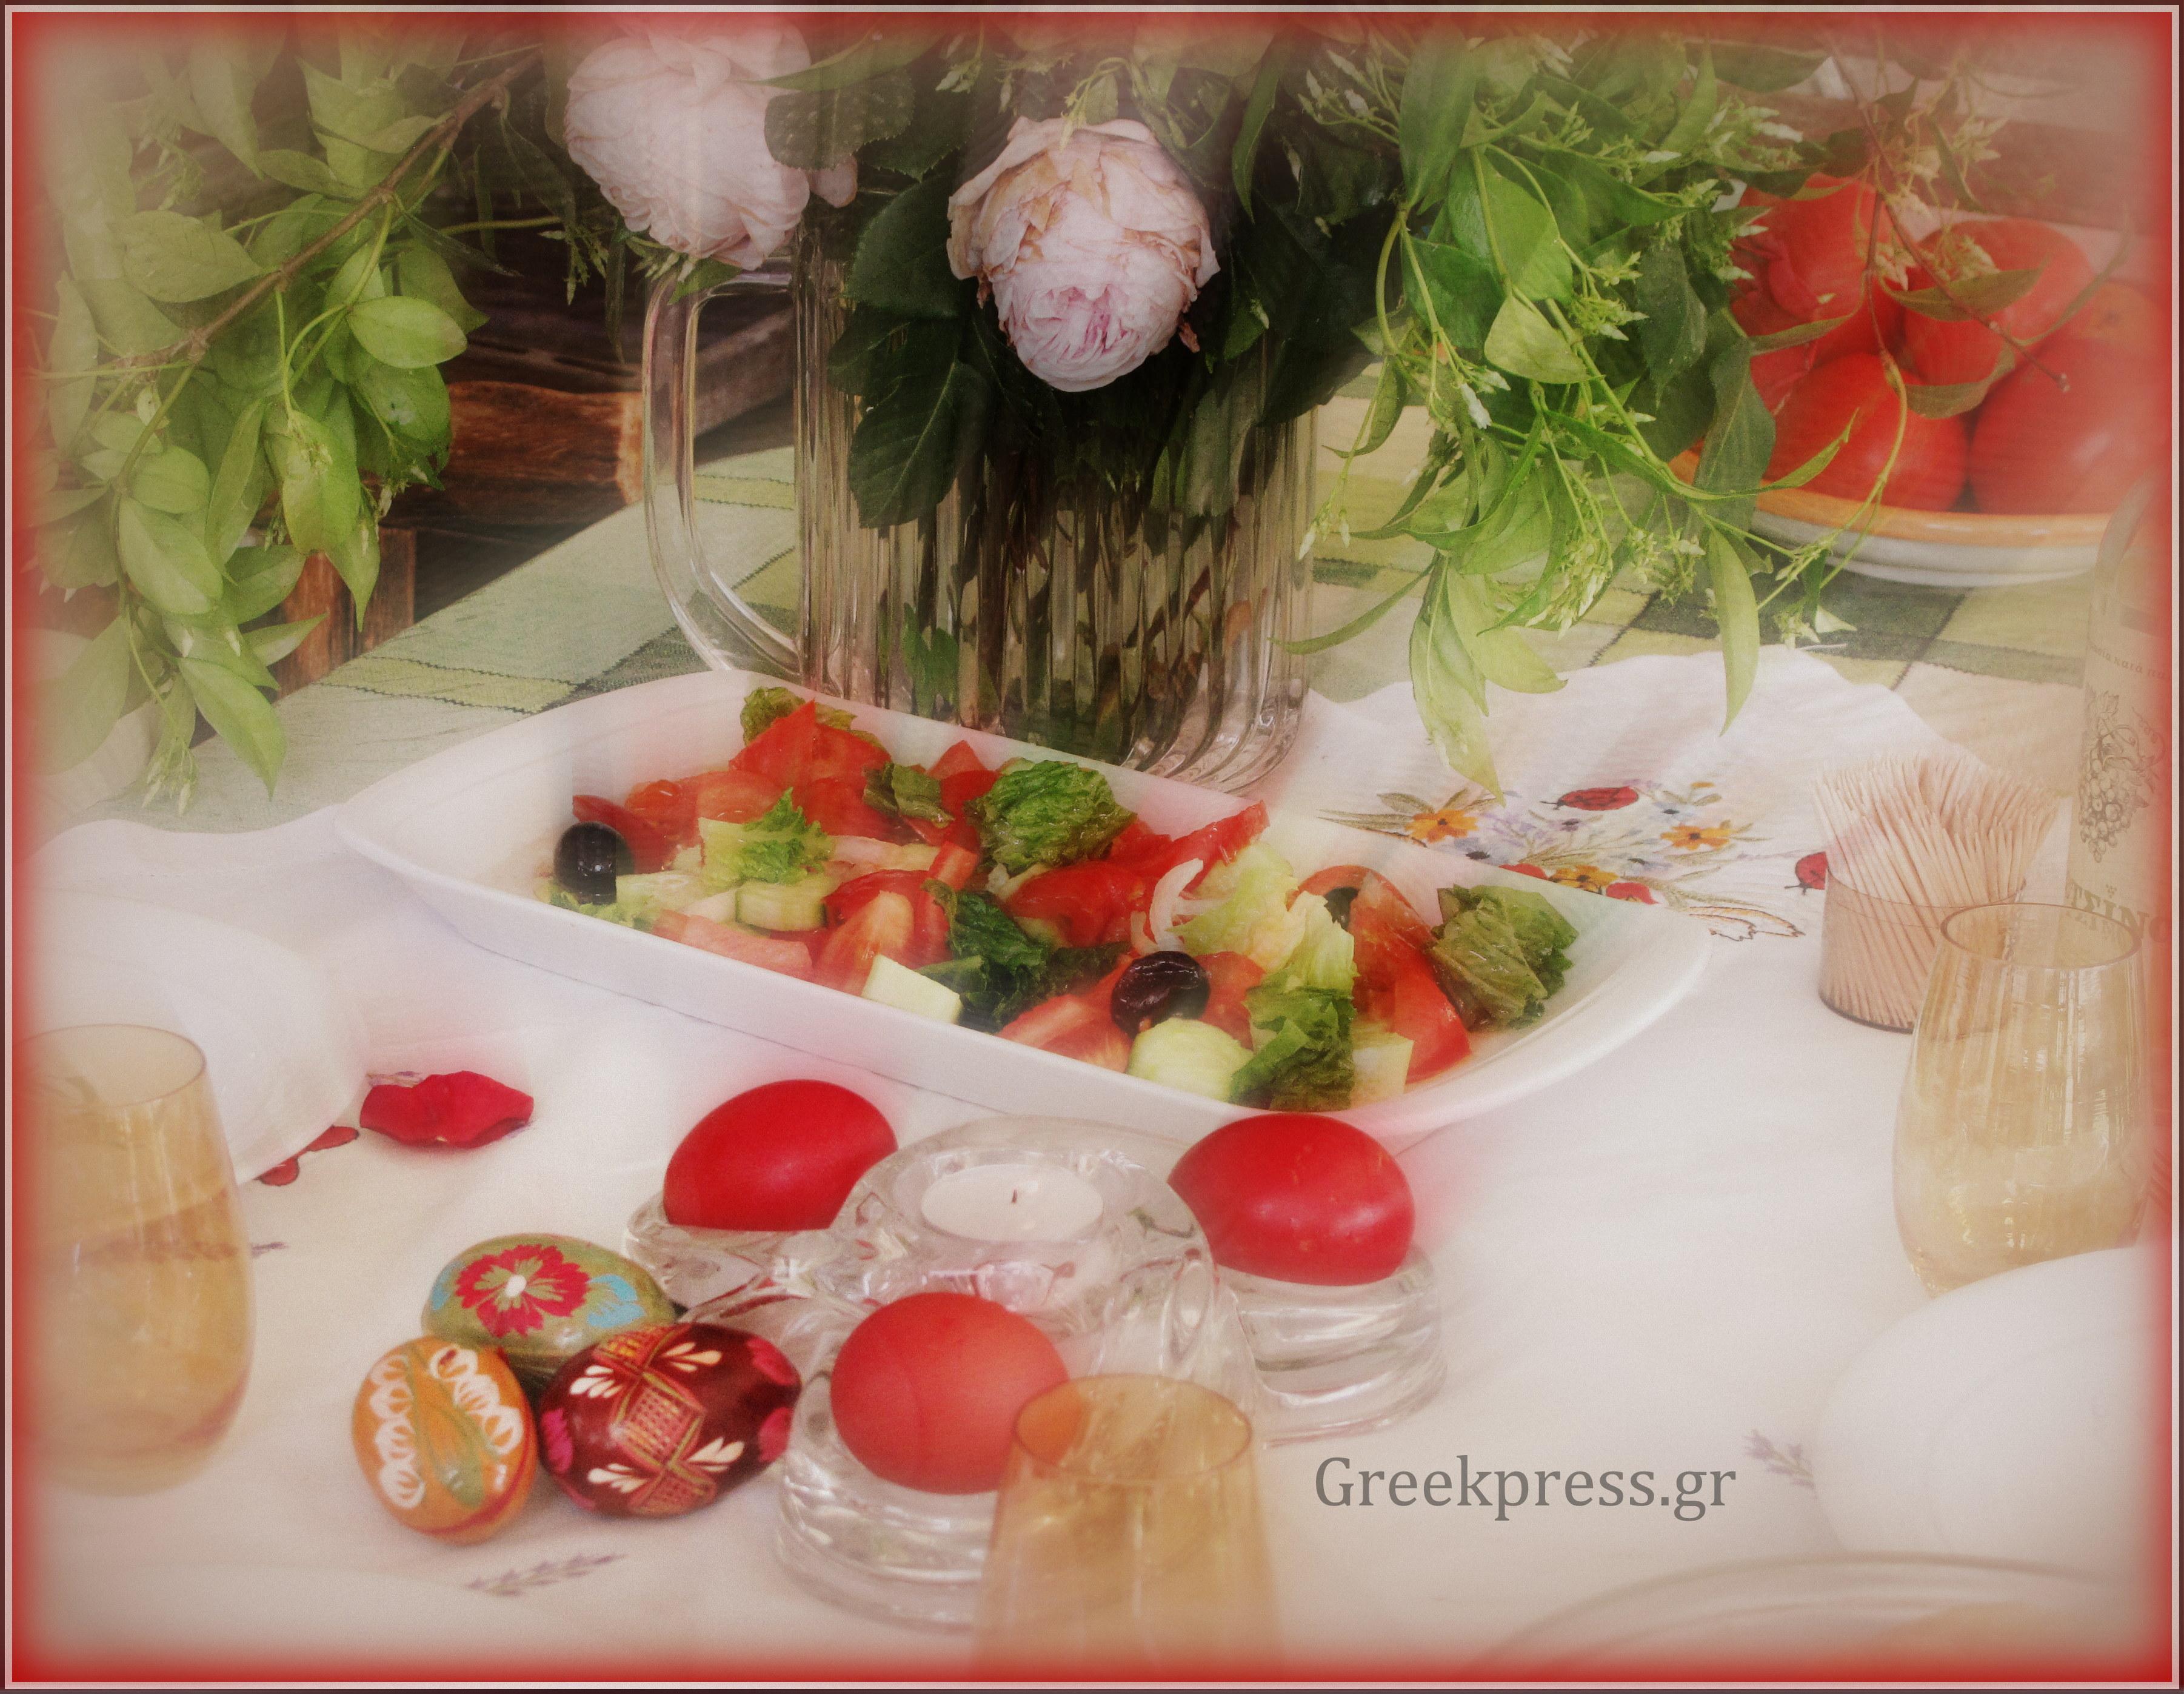 Κυριακή του Πάσχα & ελληνική παράδοση